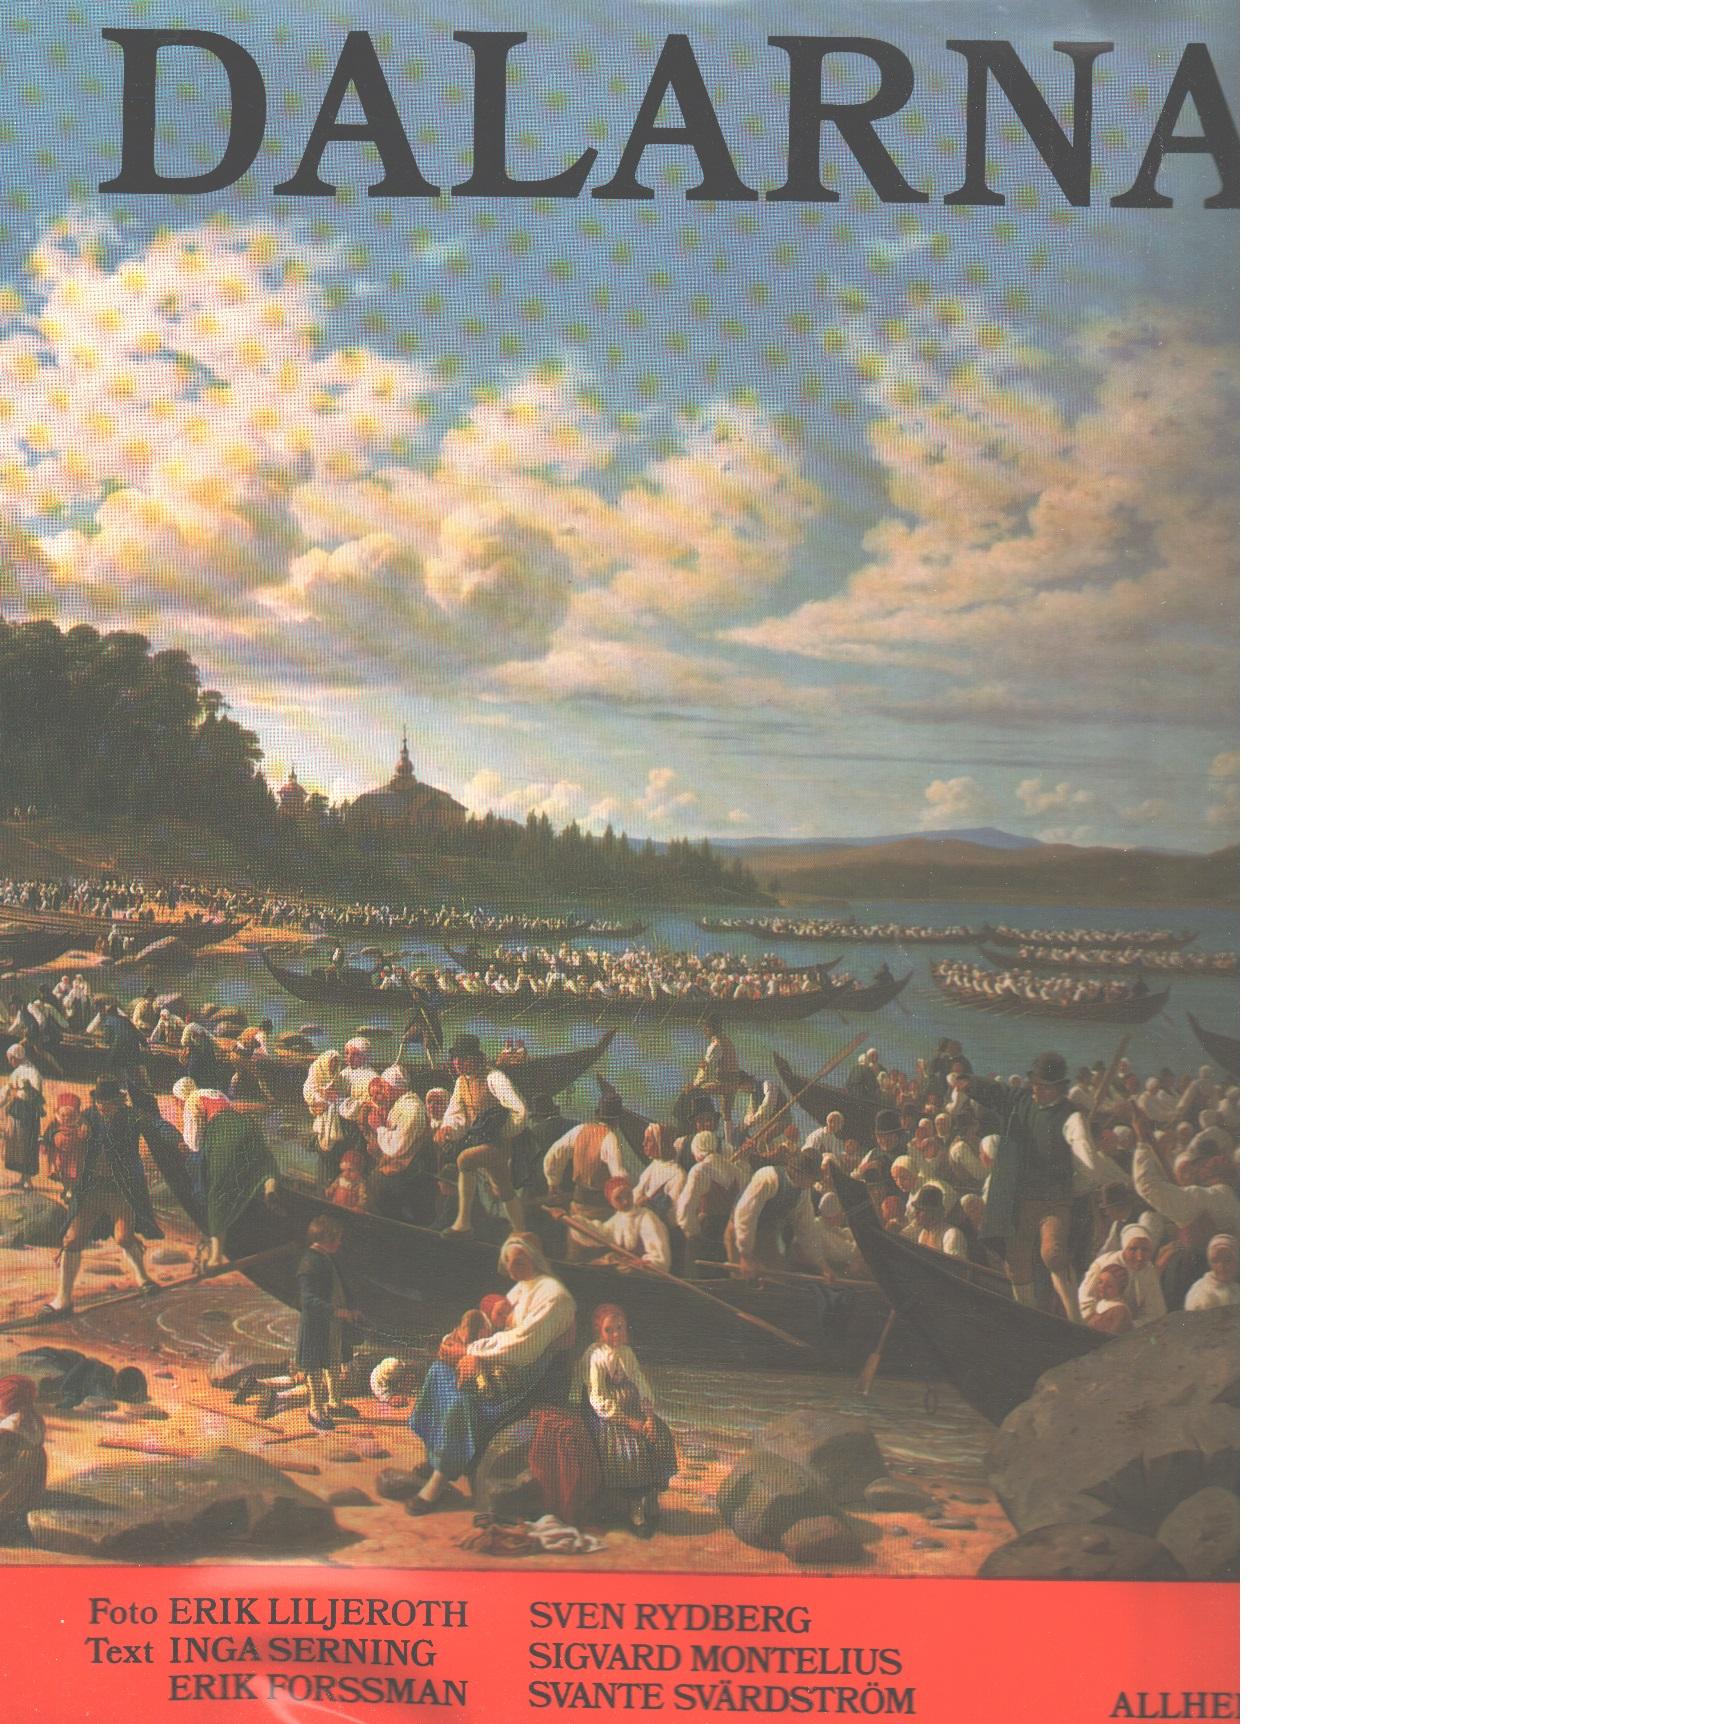 Dalarna - Red. Svensson, S. Artur och Holmström, Richard